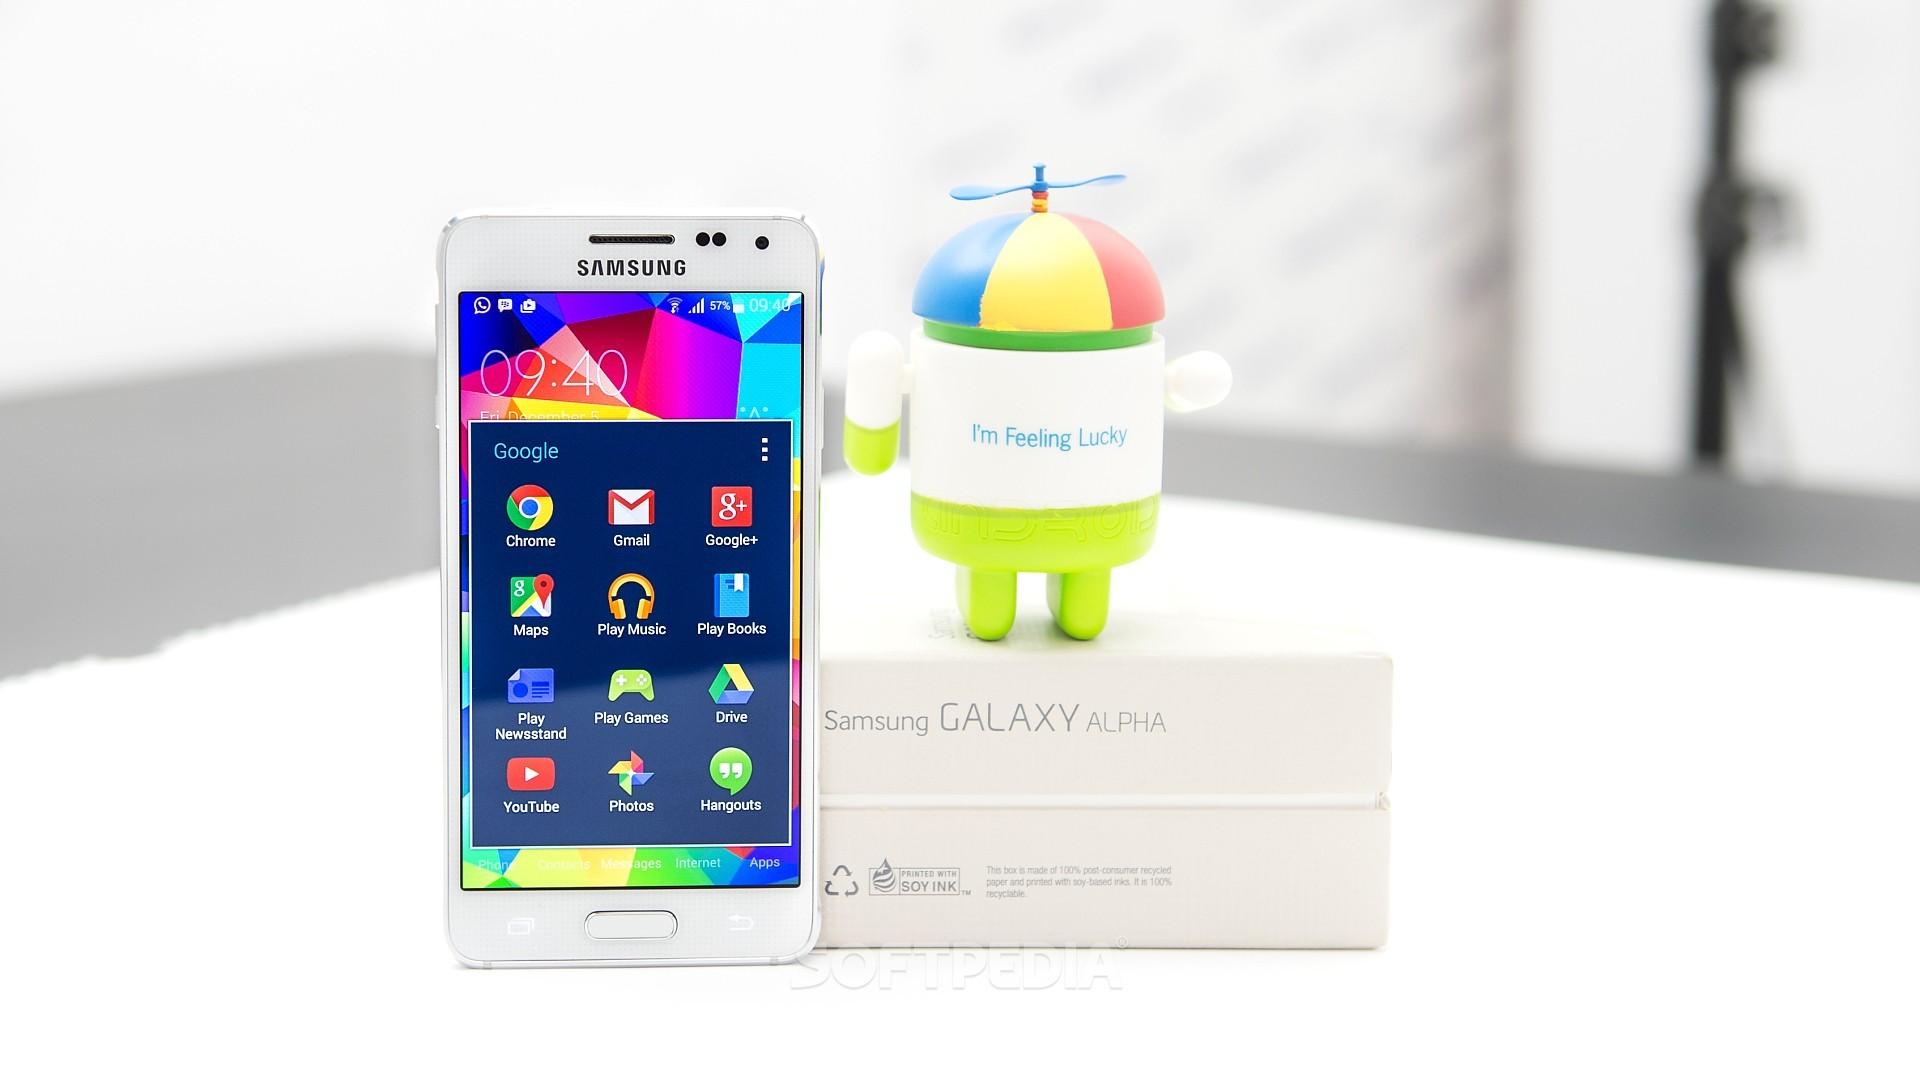 Samsung Galaxy Alpha Receiving Android 50 Lollipop Update At ATT